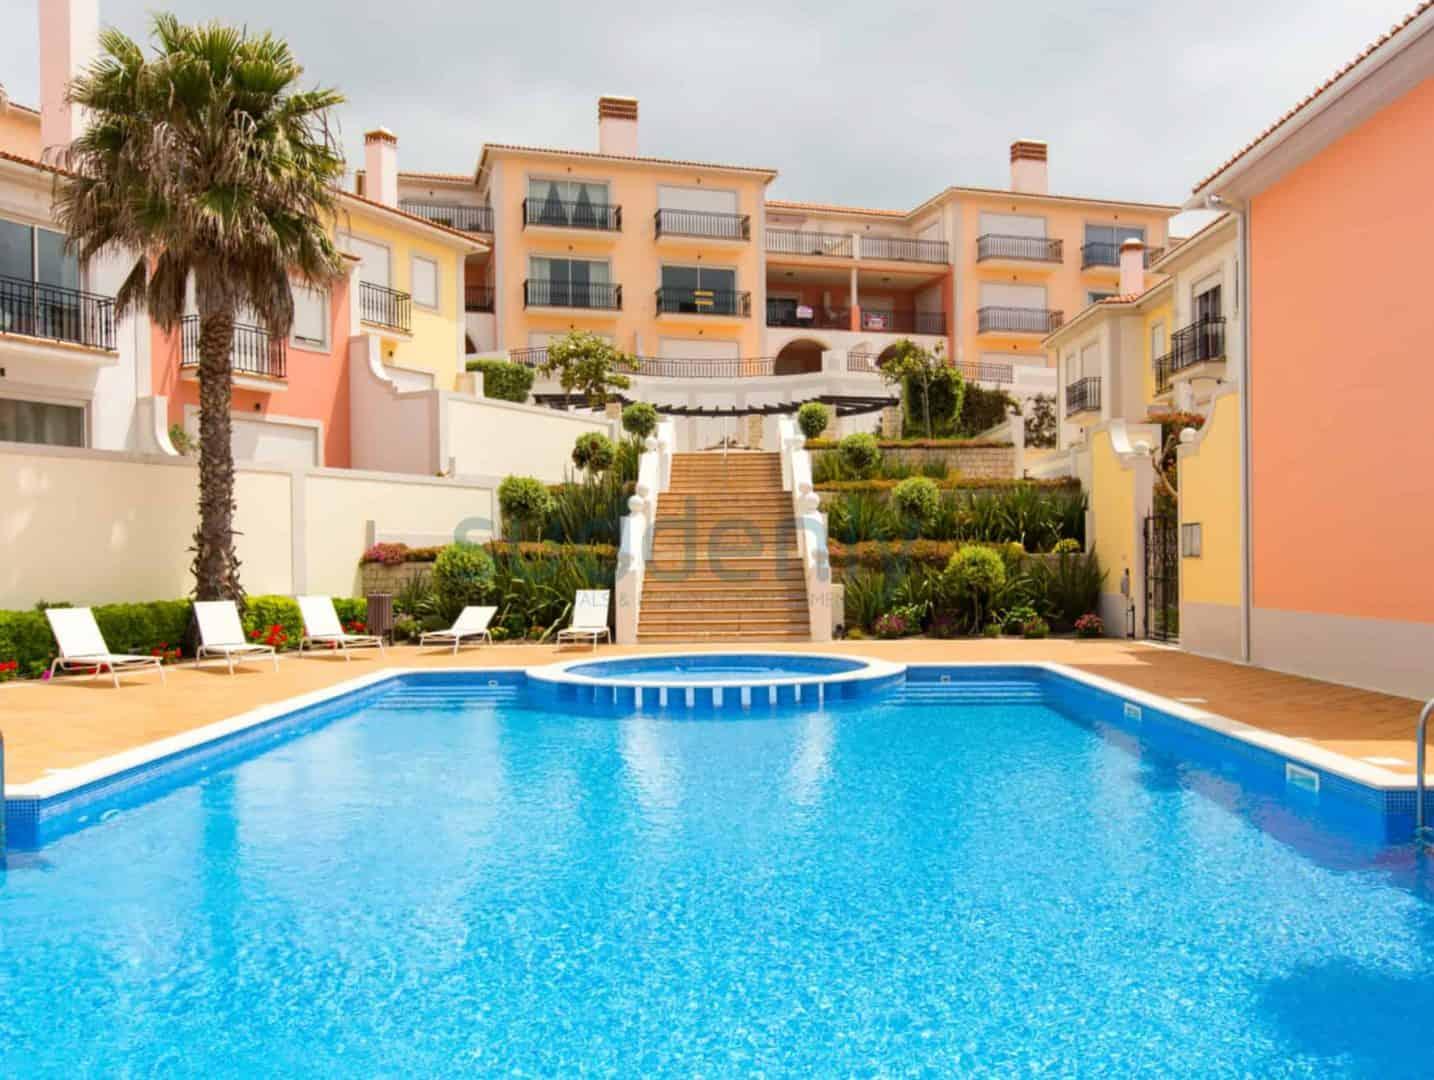 Holiday Rentals in Praia D'El Rey 296